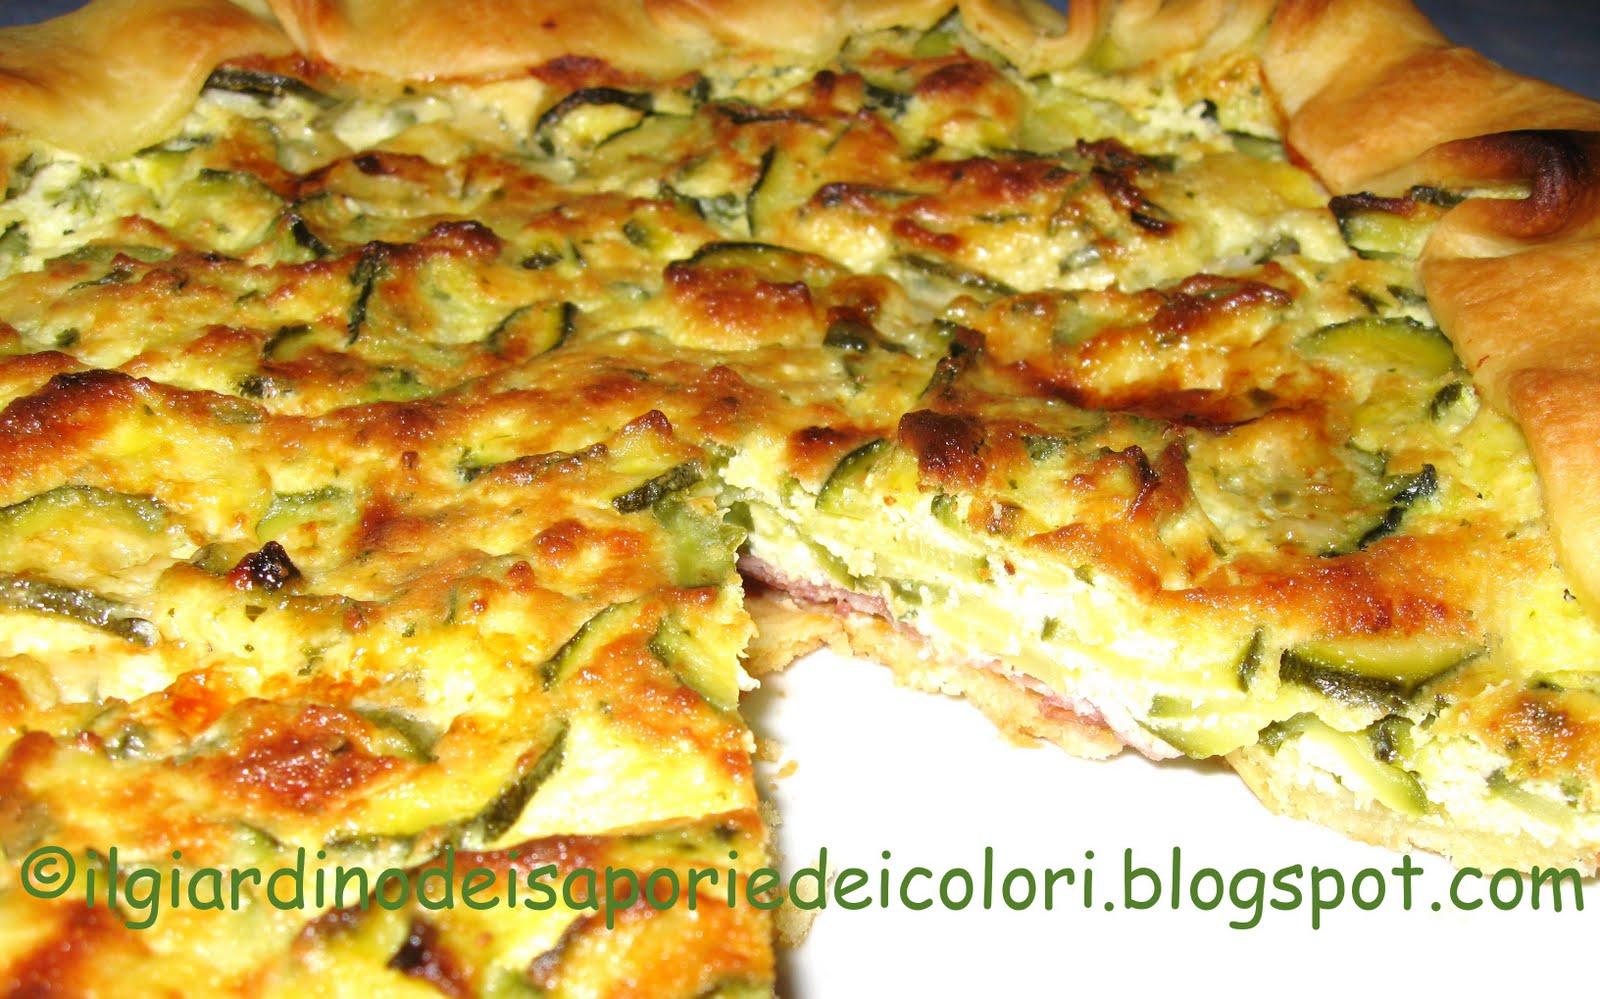 Ricetta per torta salata di zucchine